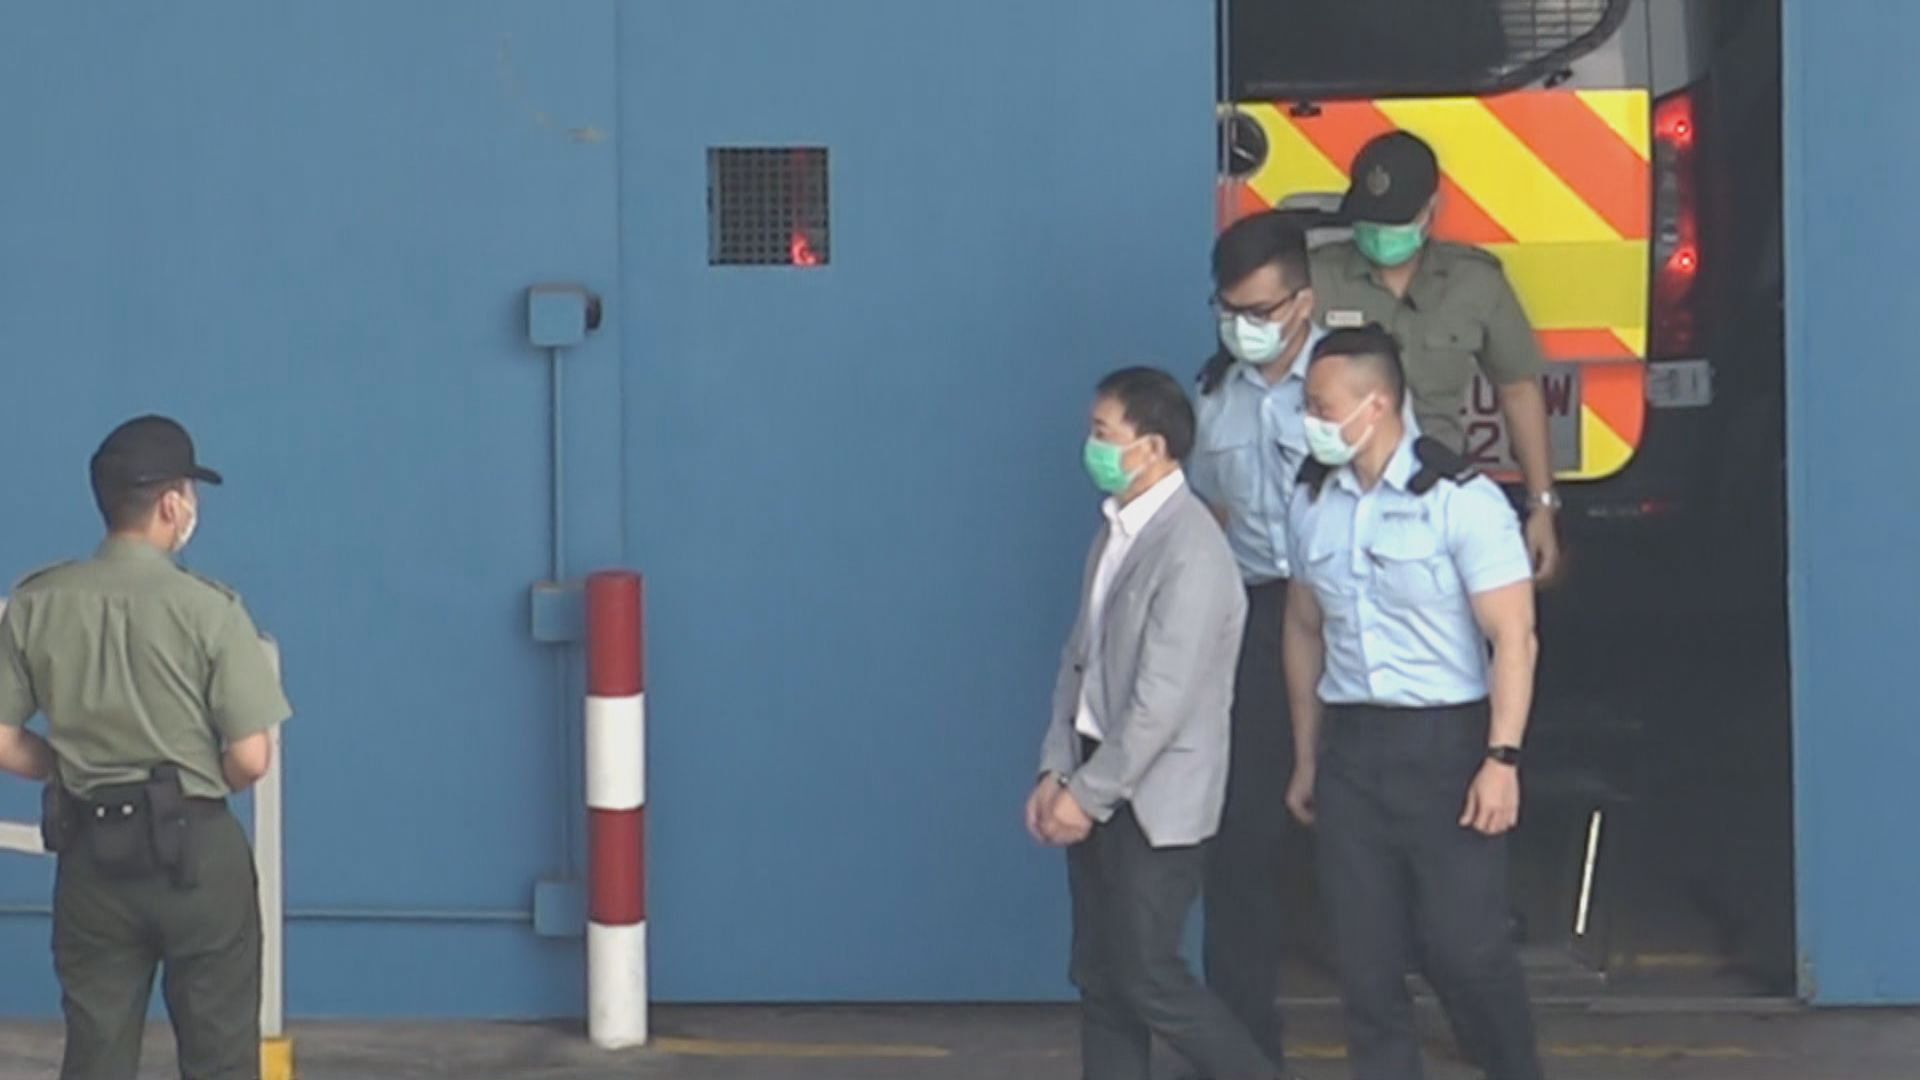 胡志偉有條件保釋出席父親喪禮 逗留半小時並跟年邁母親一聚